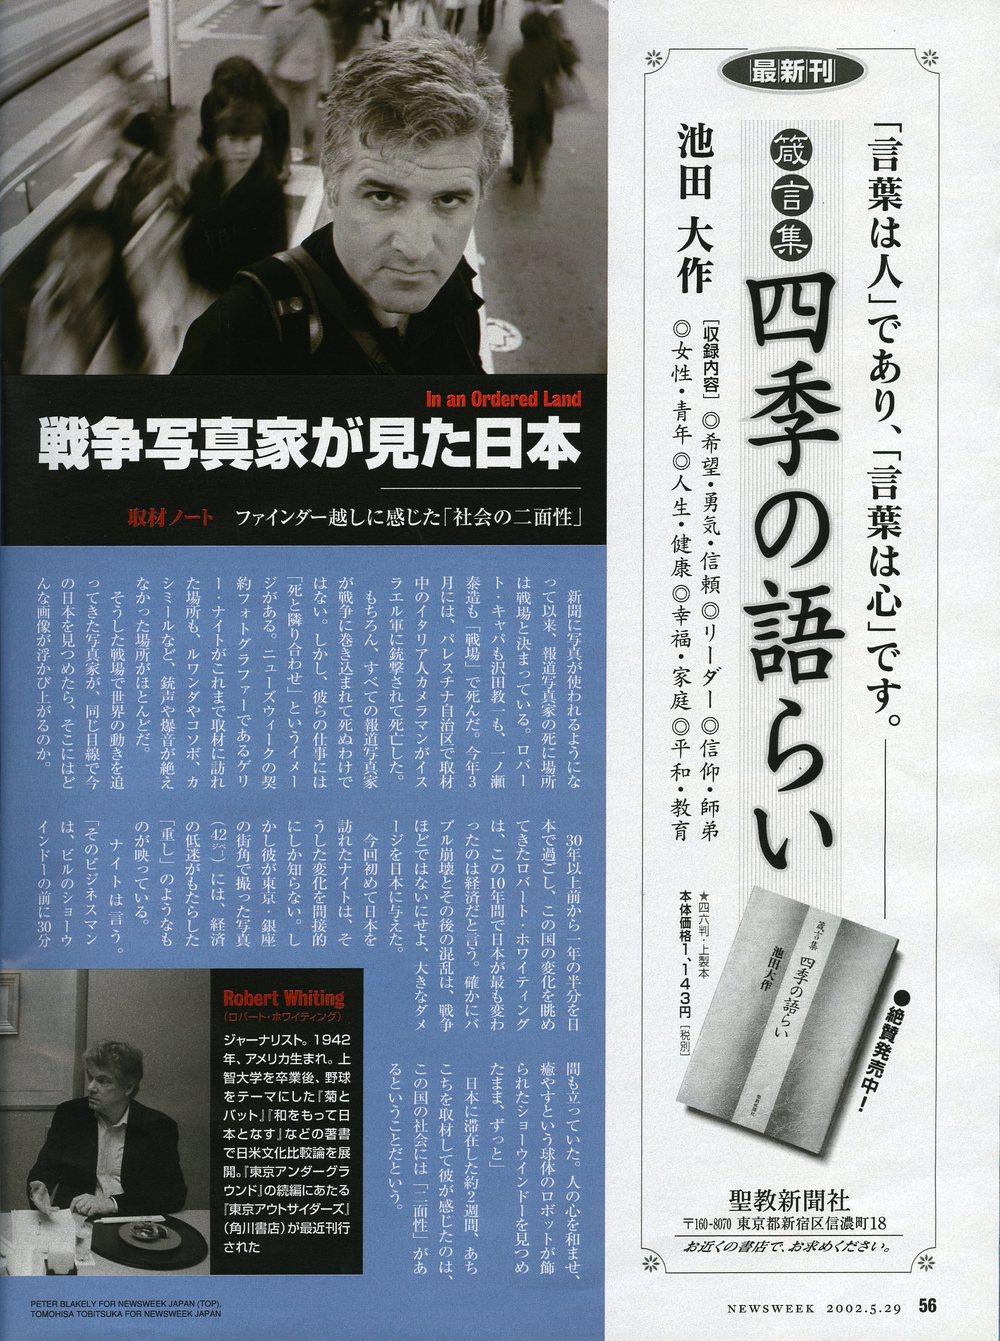 05292002_NEWSWEEK_JAPAN_19.jpg